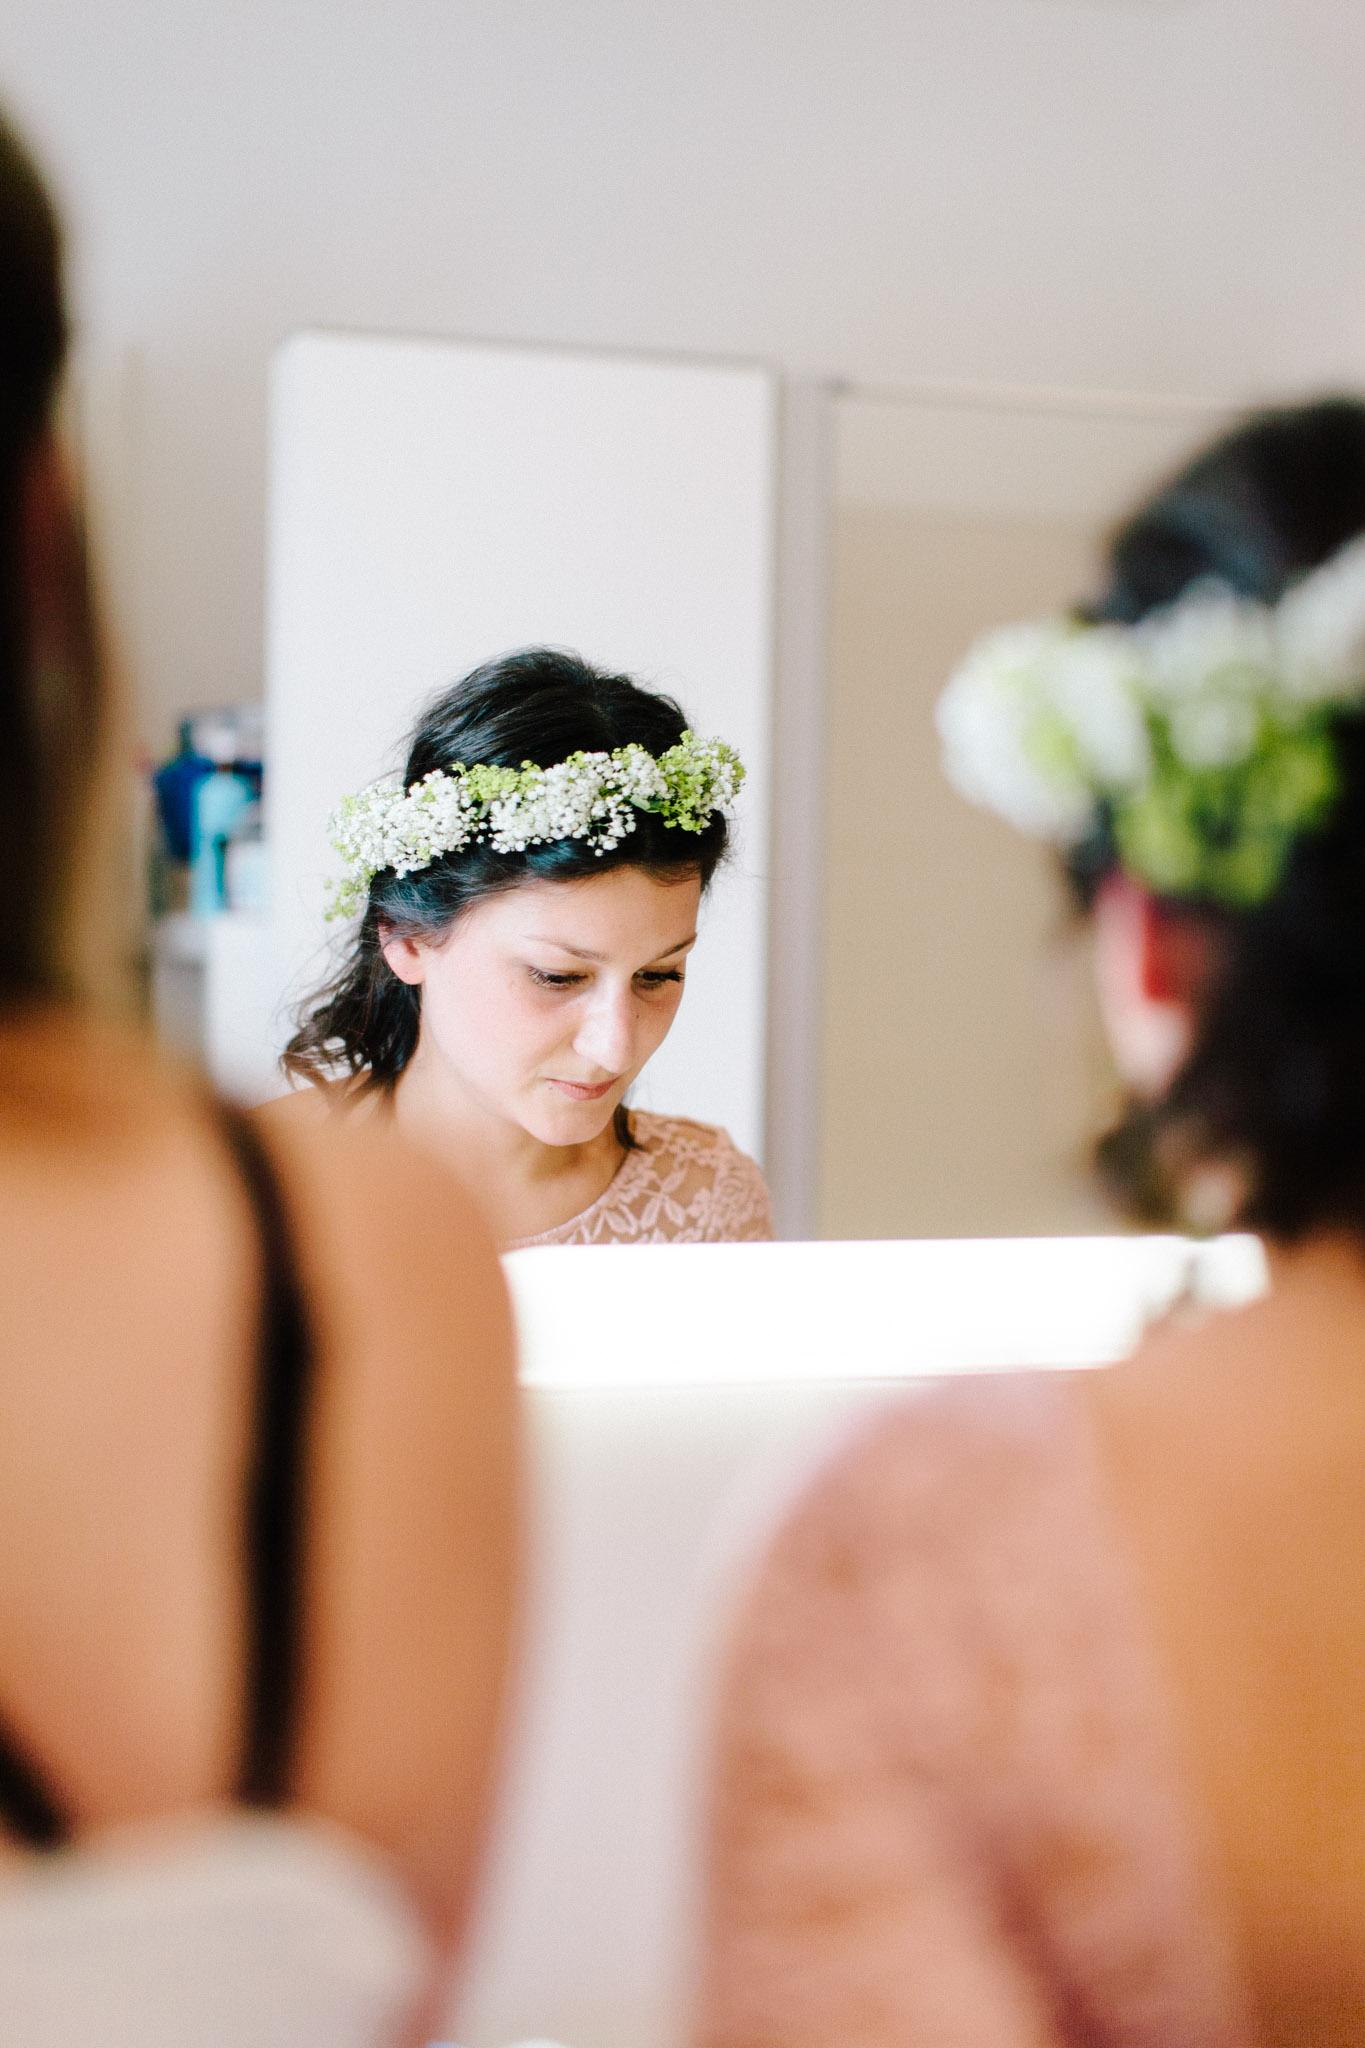 Nordhausen-Harz-Hochzeit-Pia-Anna-Christian-Wedding-Photography-LM-24.jpg